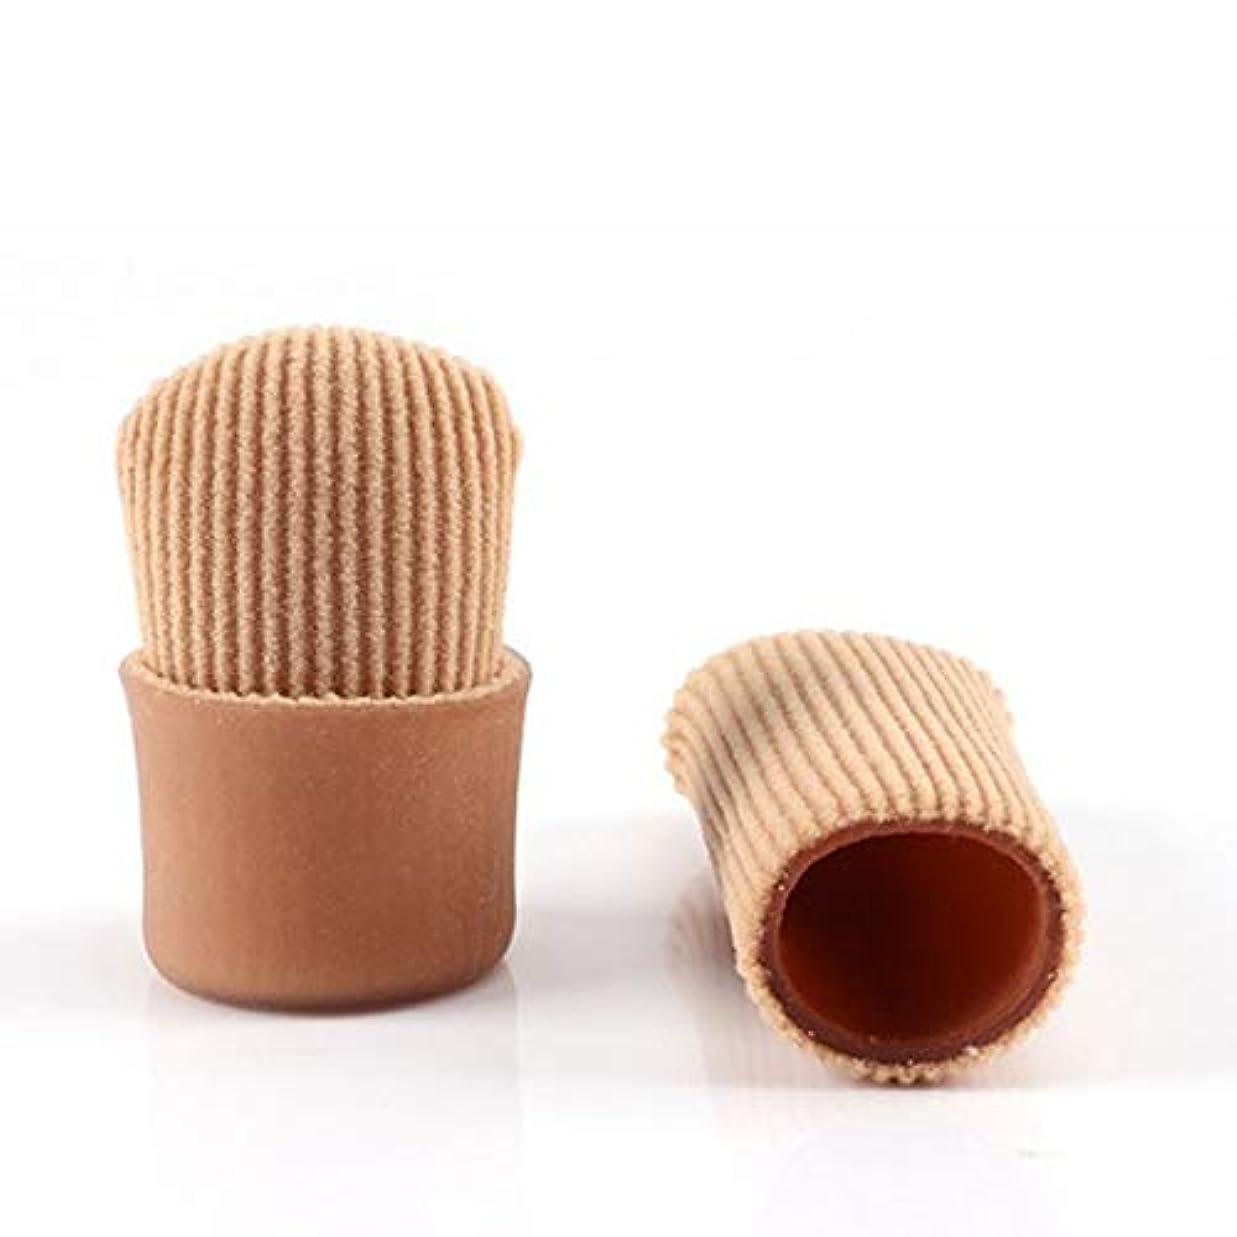 桃おもしろい段落Open Toe Tubes Gel Lined Fabric Sleeve Protectors To Prevent Corns, Calluses And Blisters While Softening And...